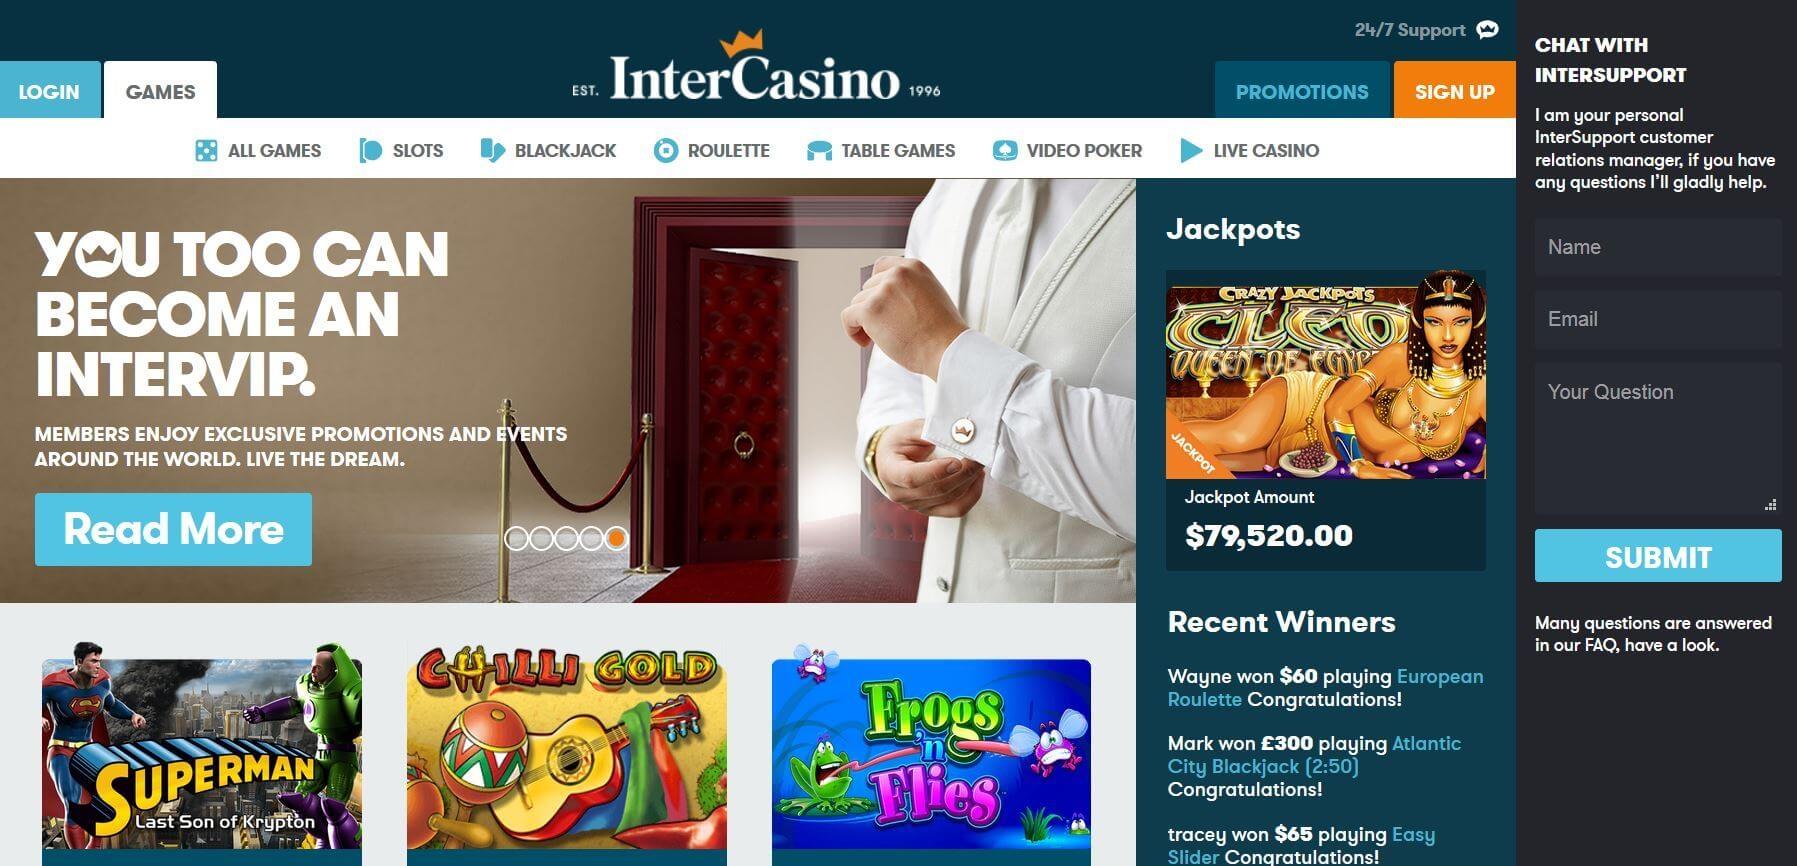 Le casino gratuit 255 tourne sur bWin